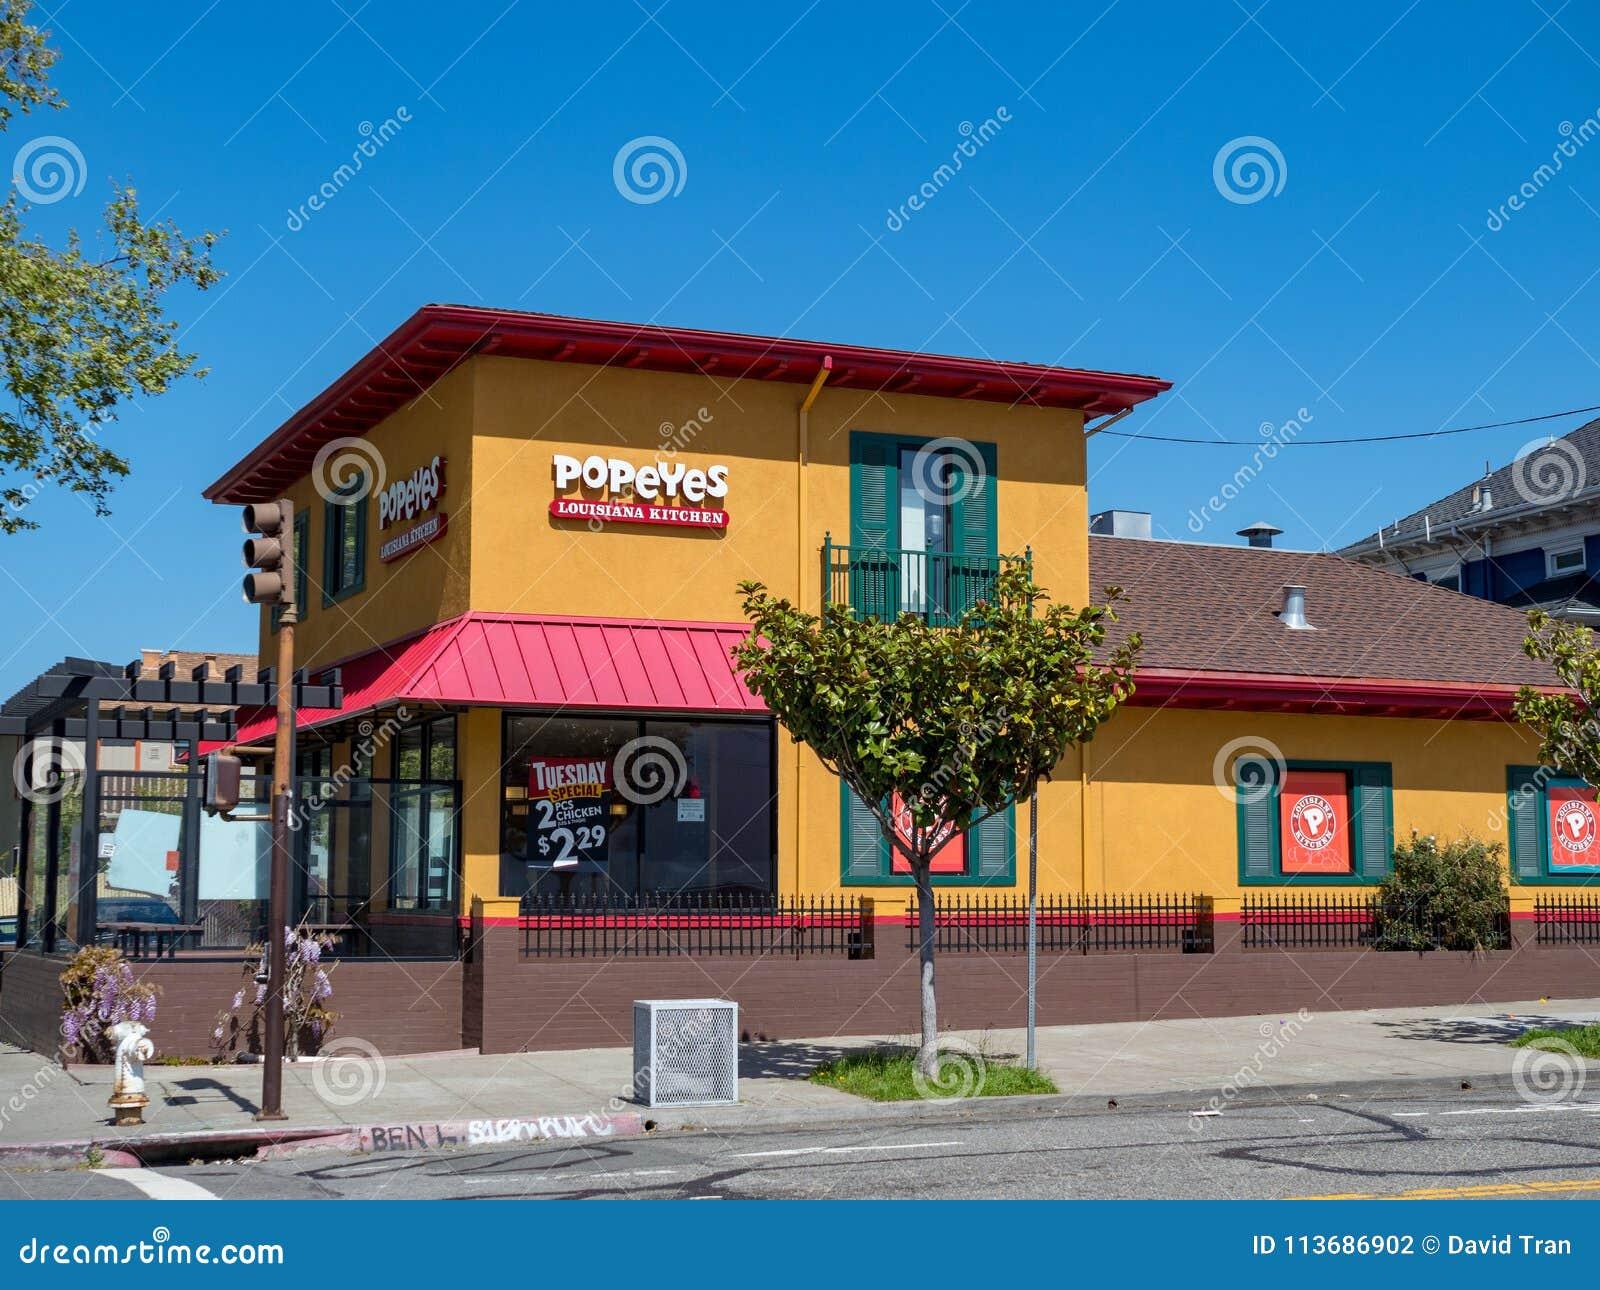 Popeyes-Schnellrestaurant in Berkeley, Kalifornien